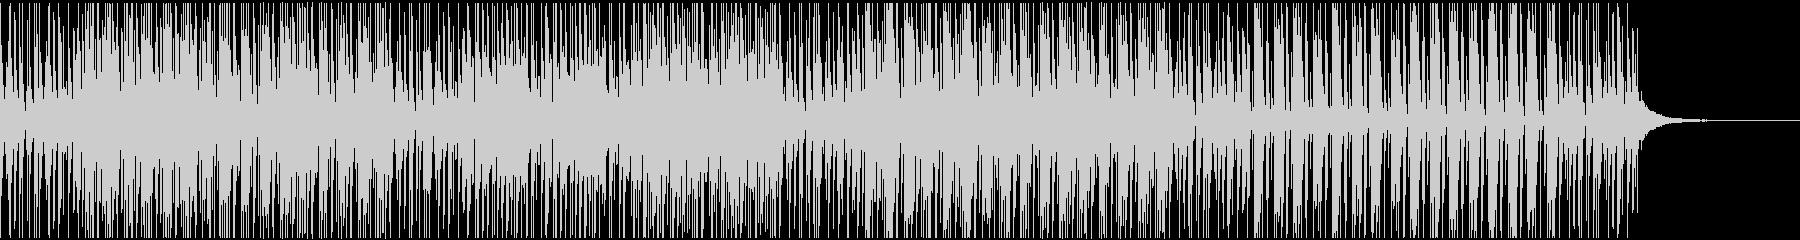 ワールド 民族 ドラム & ベース...の未再生の波形